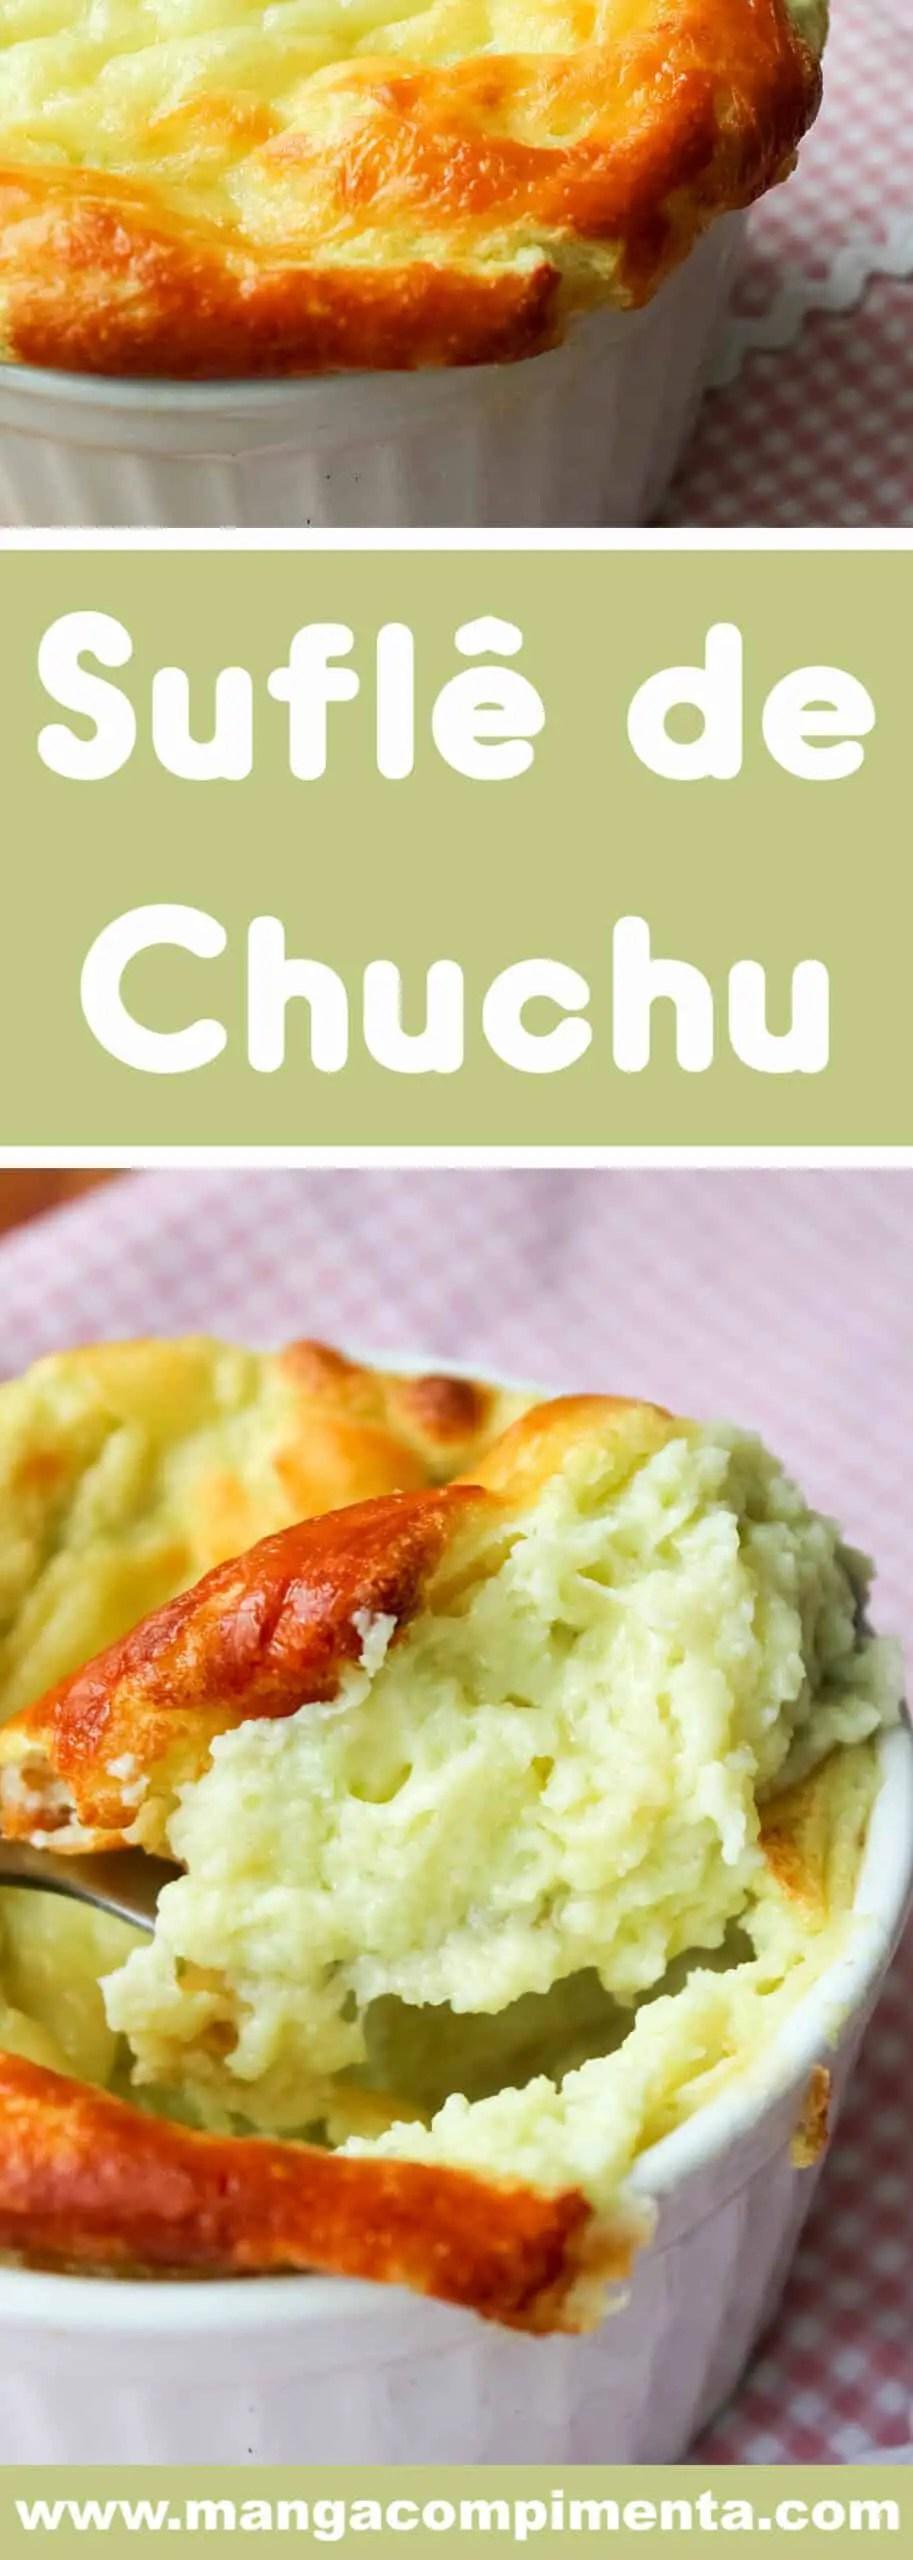 Receita de Suflê de Chuchu - prepare em casa para o almoço ou jantar da família nessa semana.